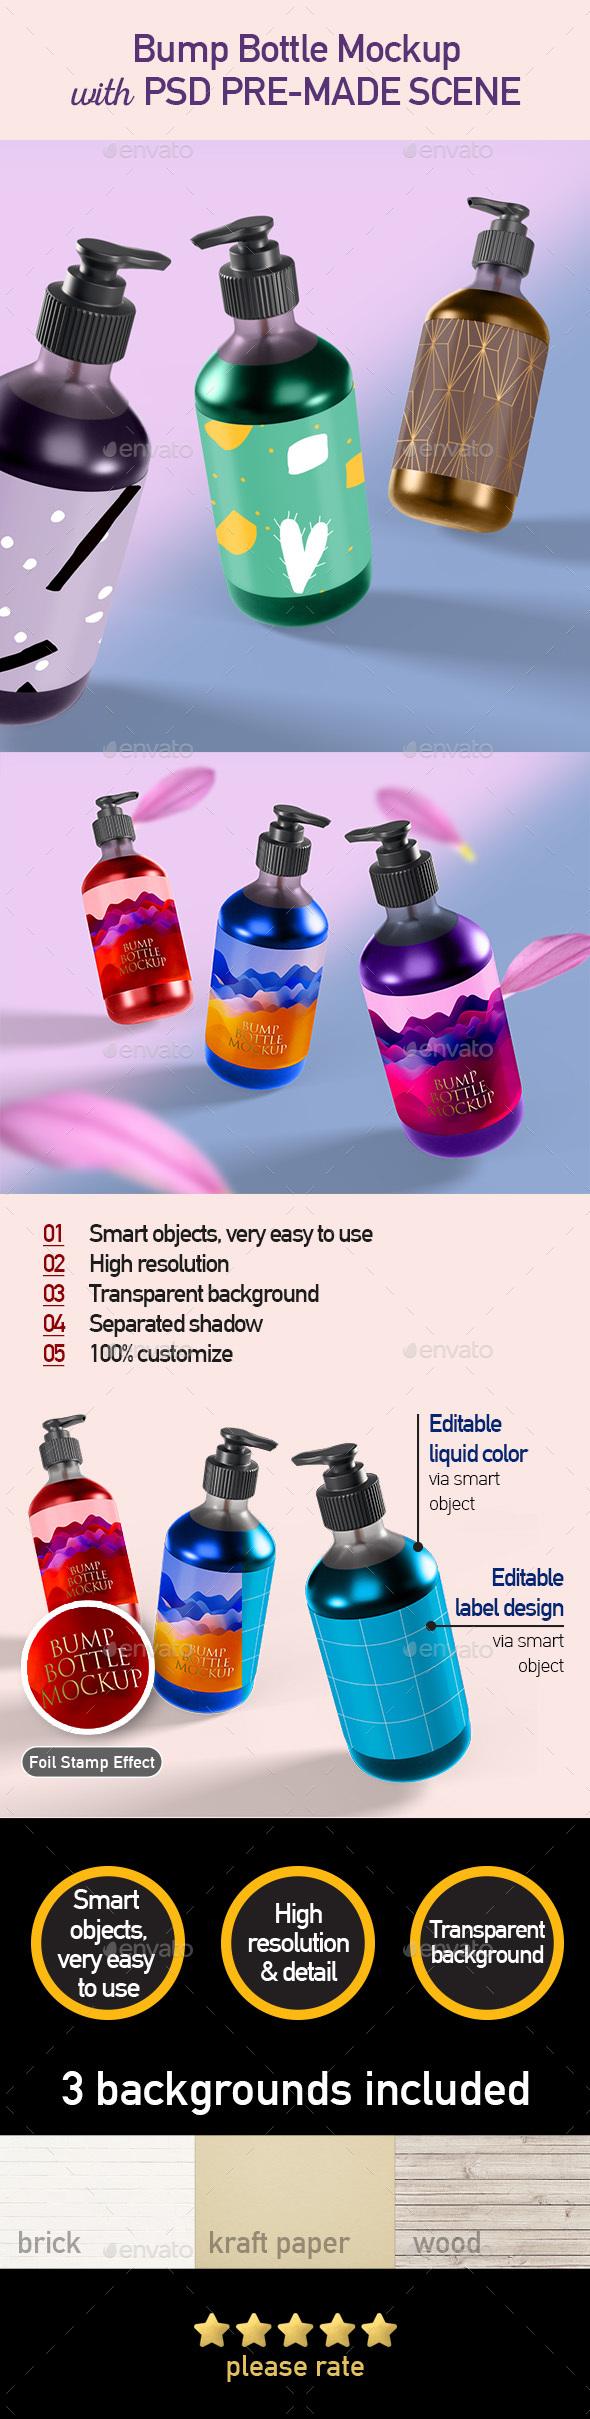 Shampoo Pump Bottle Mockup